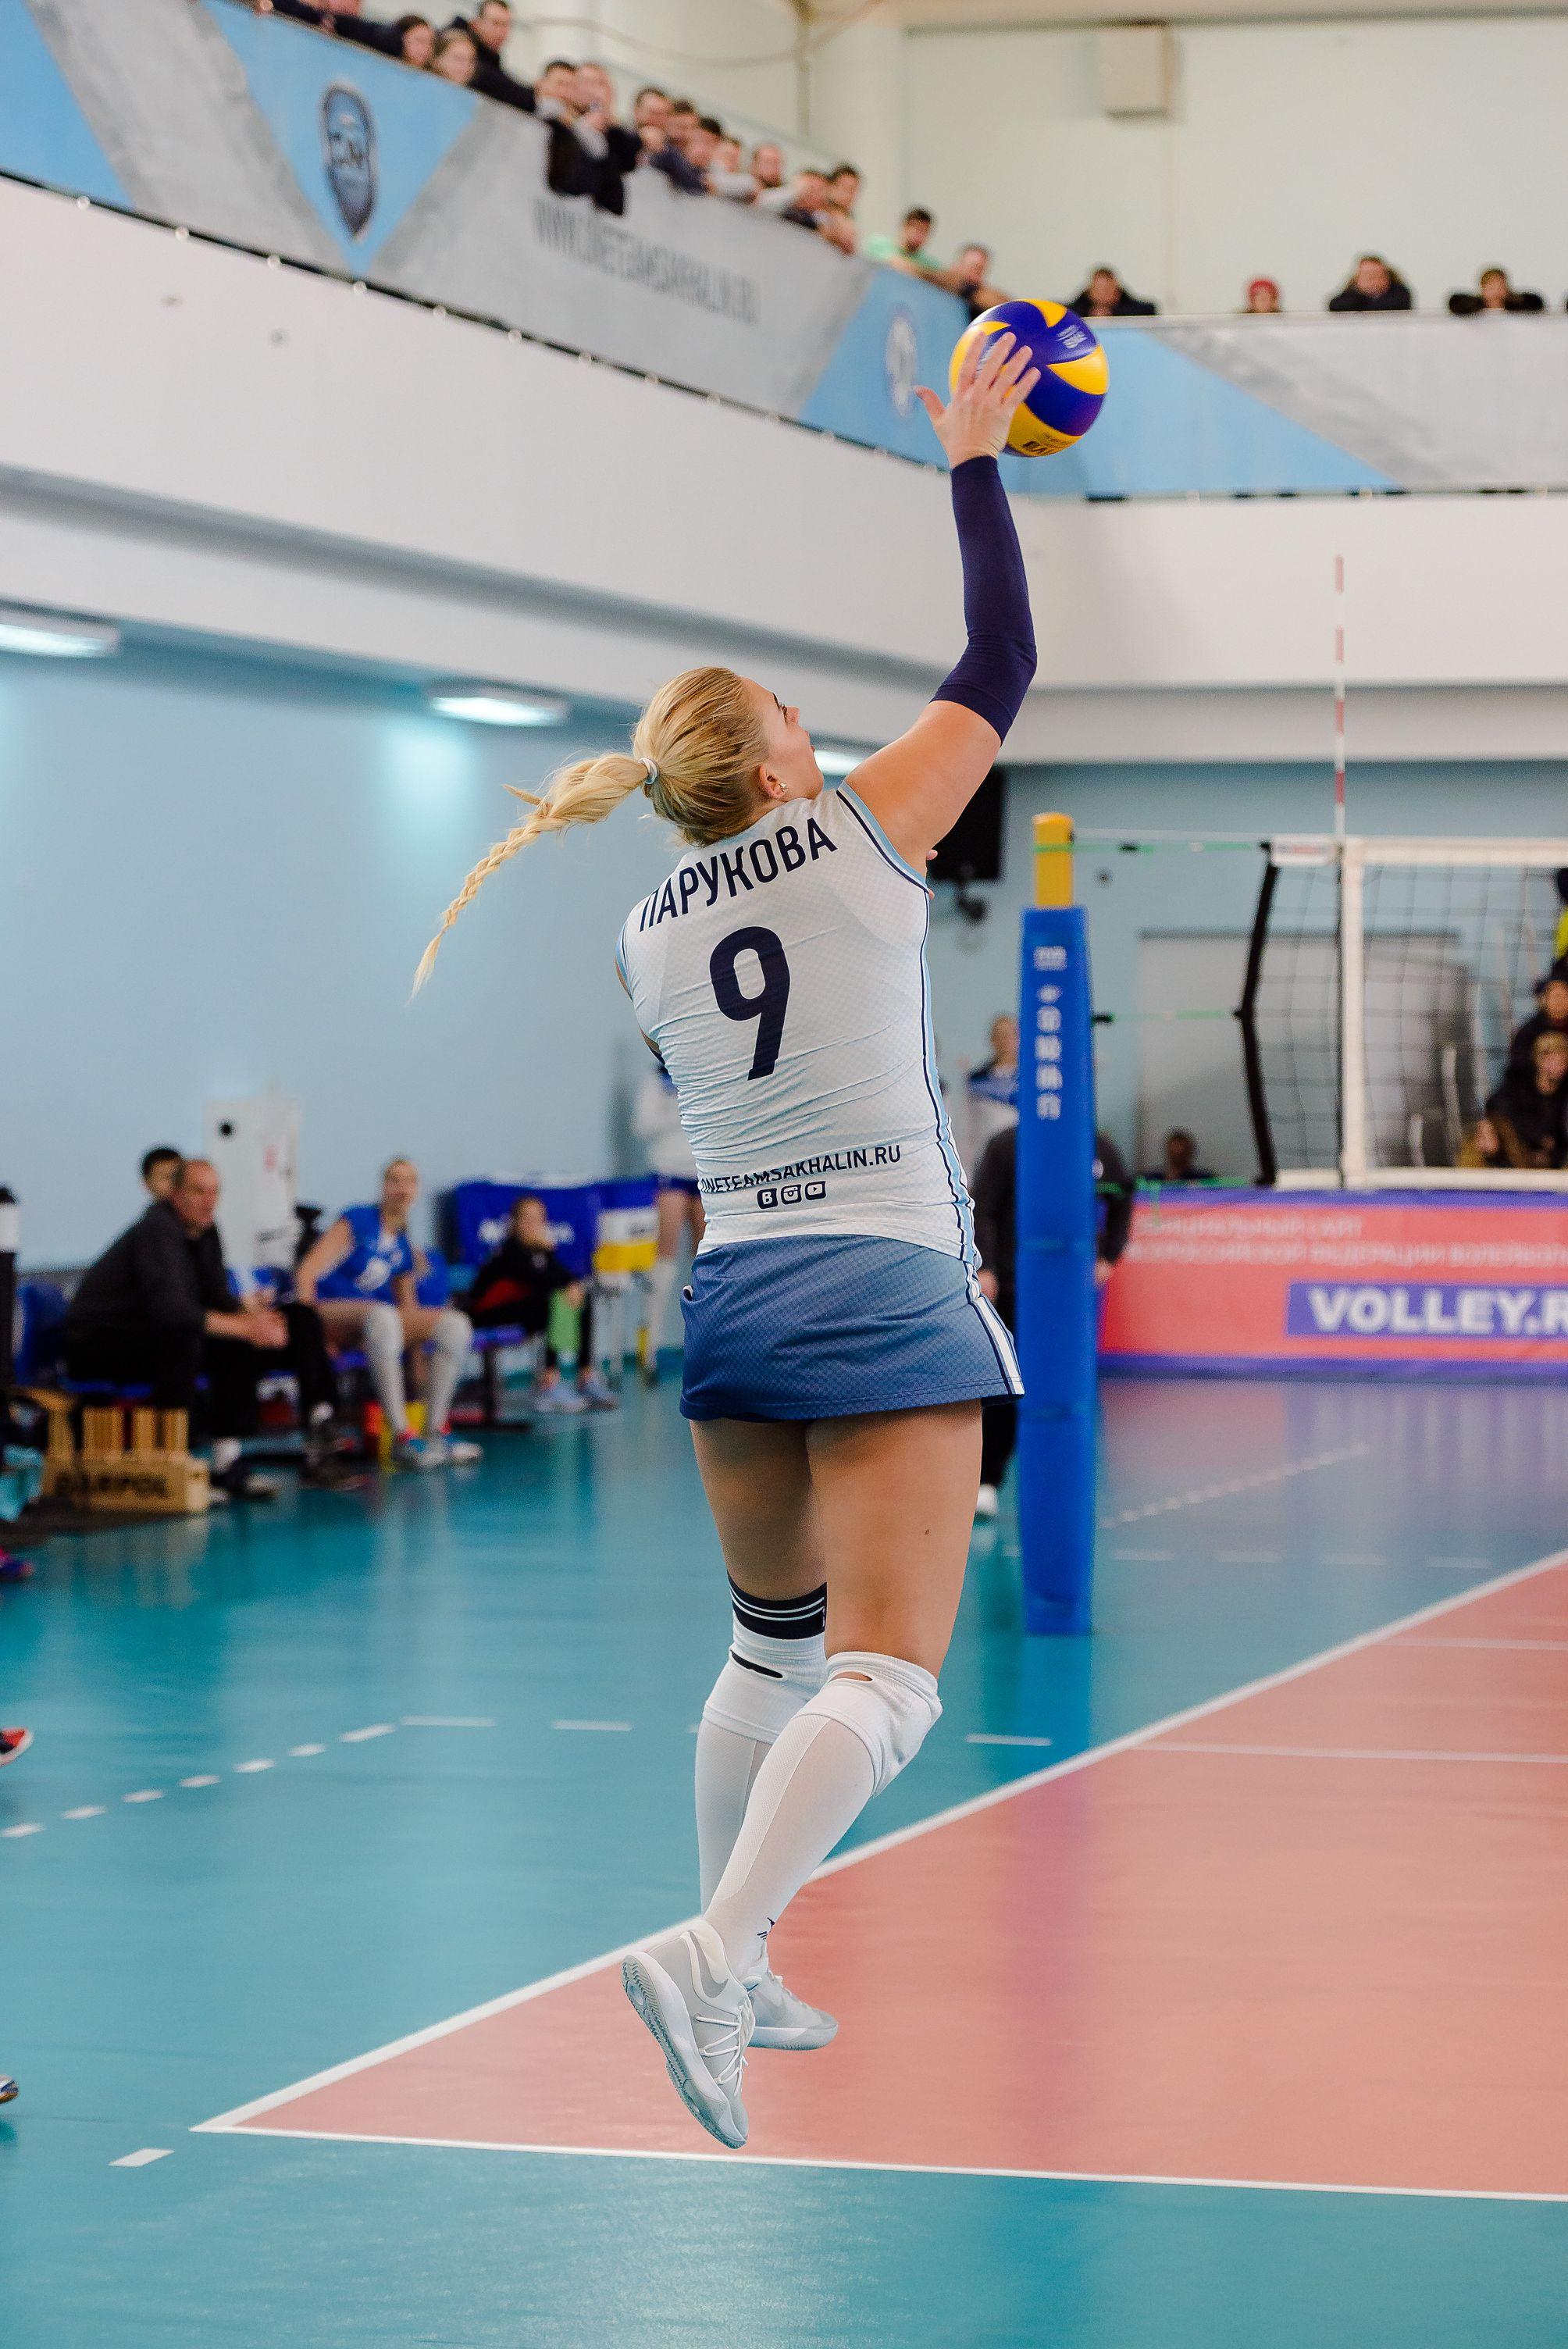 Светлана Парукова (№ 9): «Для меня номер не играет особой роли. Поэтому выбрала тот, который был свободен».